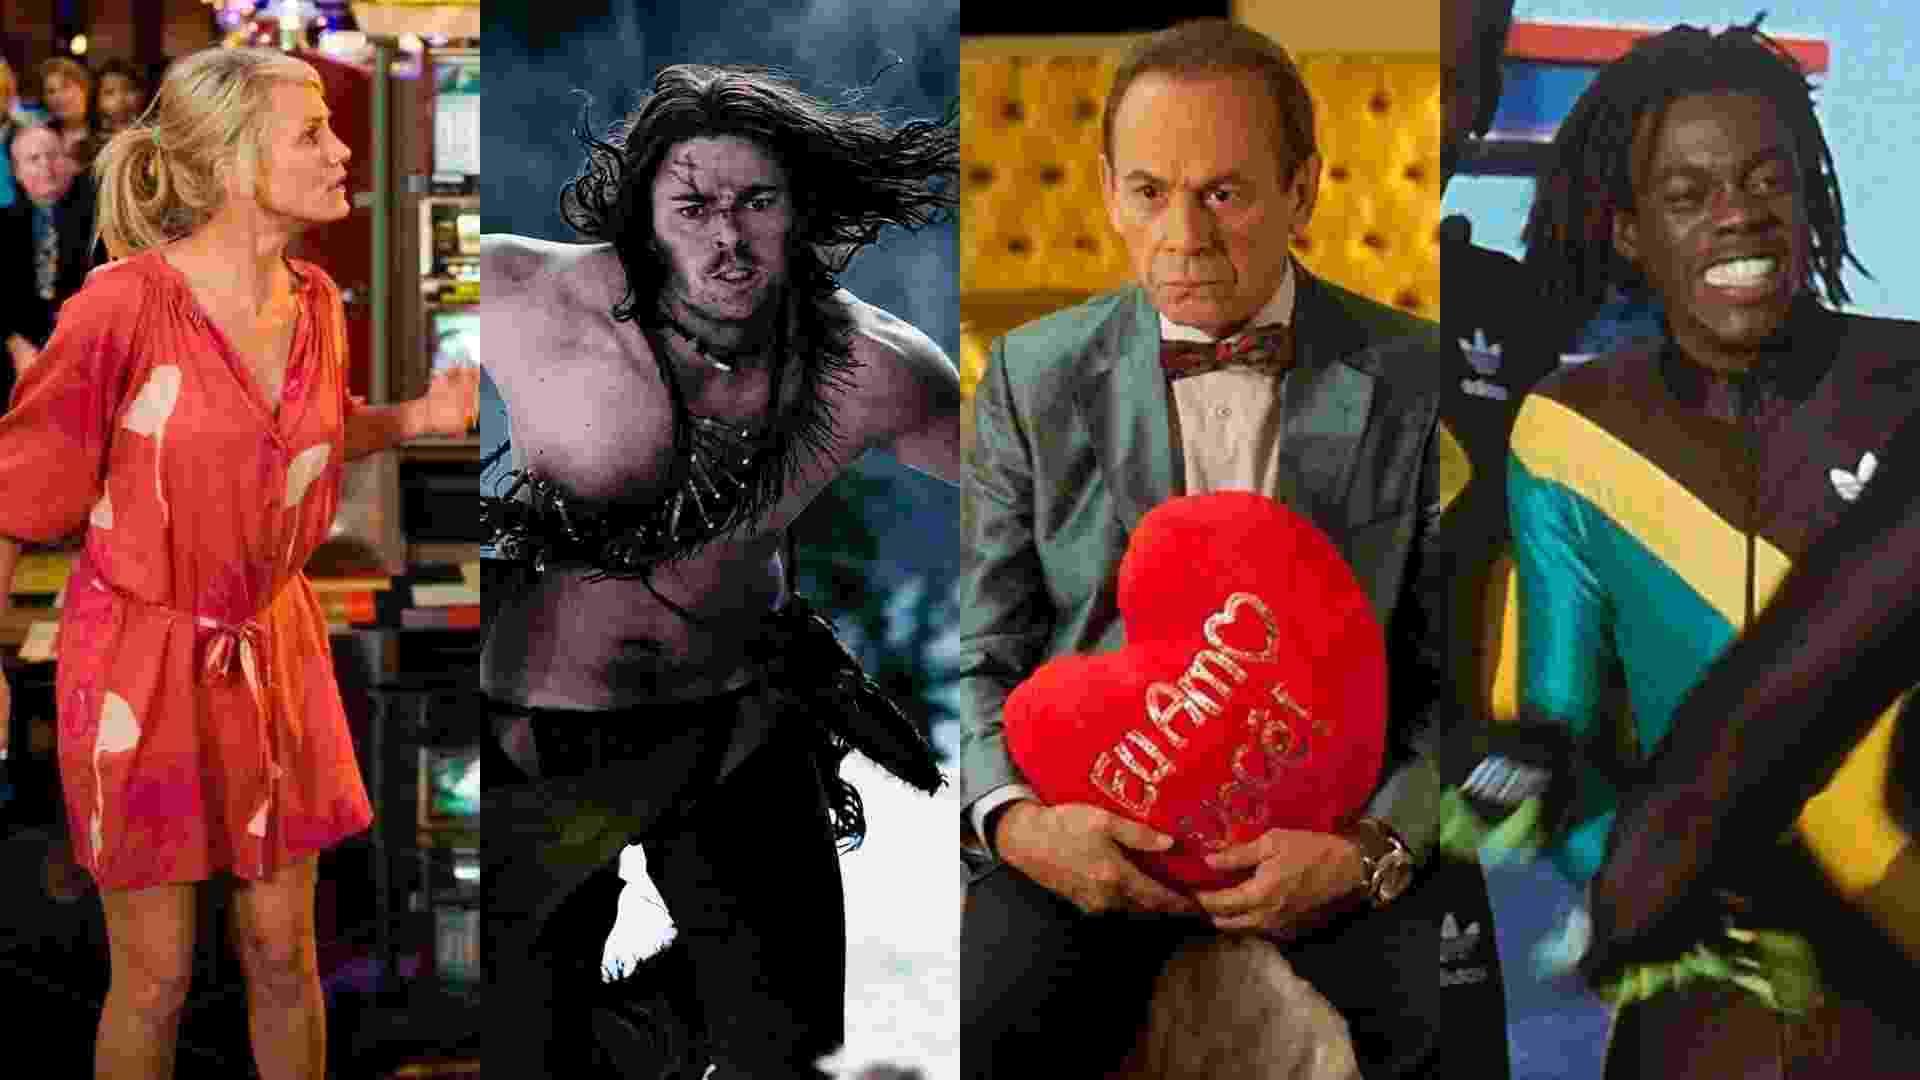 """Cenas dos filmes """"Jogo de Amor em Las Vegas"""" (2008), de Tom Vaughan, """"Desbravadores"""" (2007), de Marcus Nispel, """"Giovanni Improtta"""" (2013), de José Wilker e """"Jamaica Abaixo de Zero"""" (1993), de Jon Turteltaub - Reprodução/Montagem"""